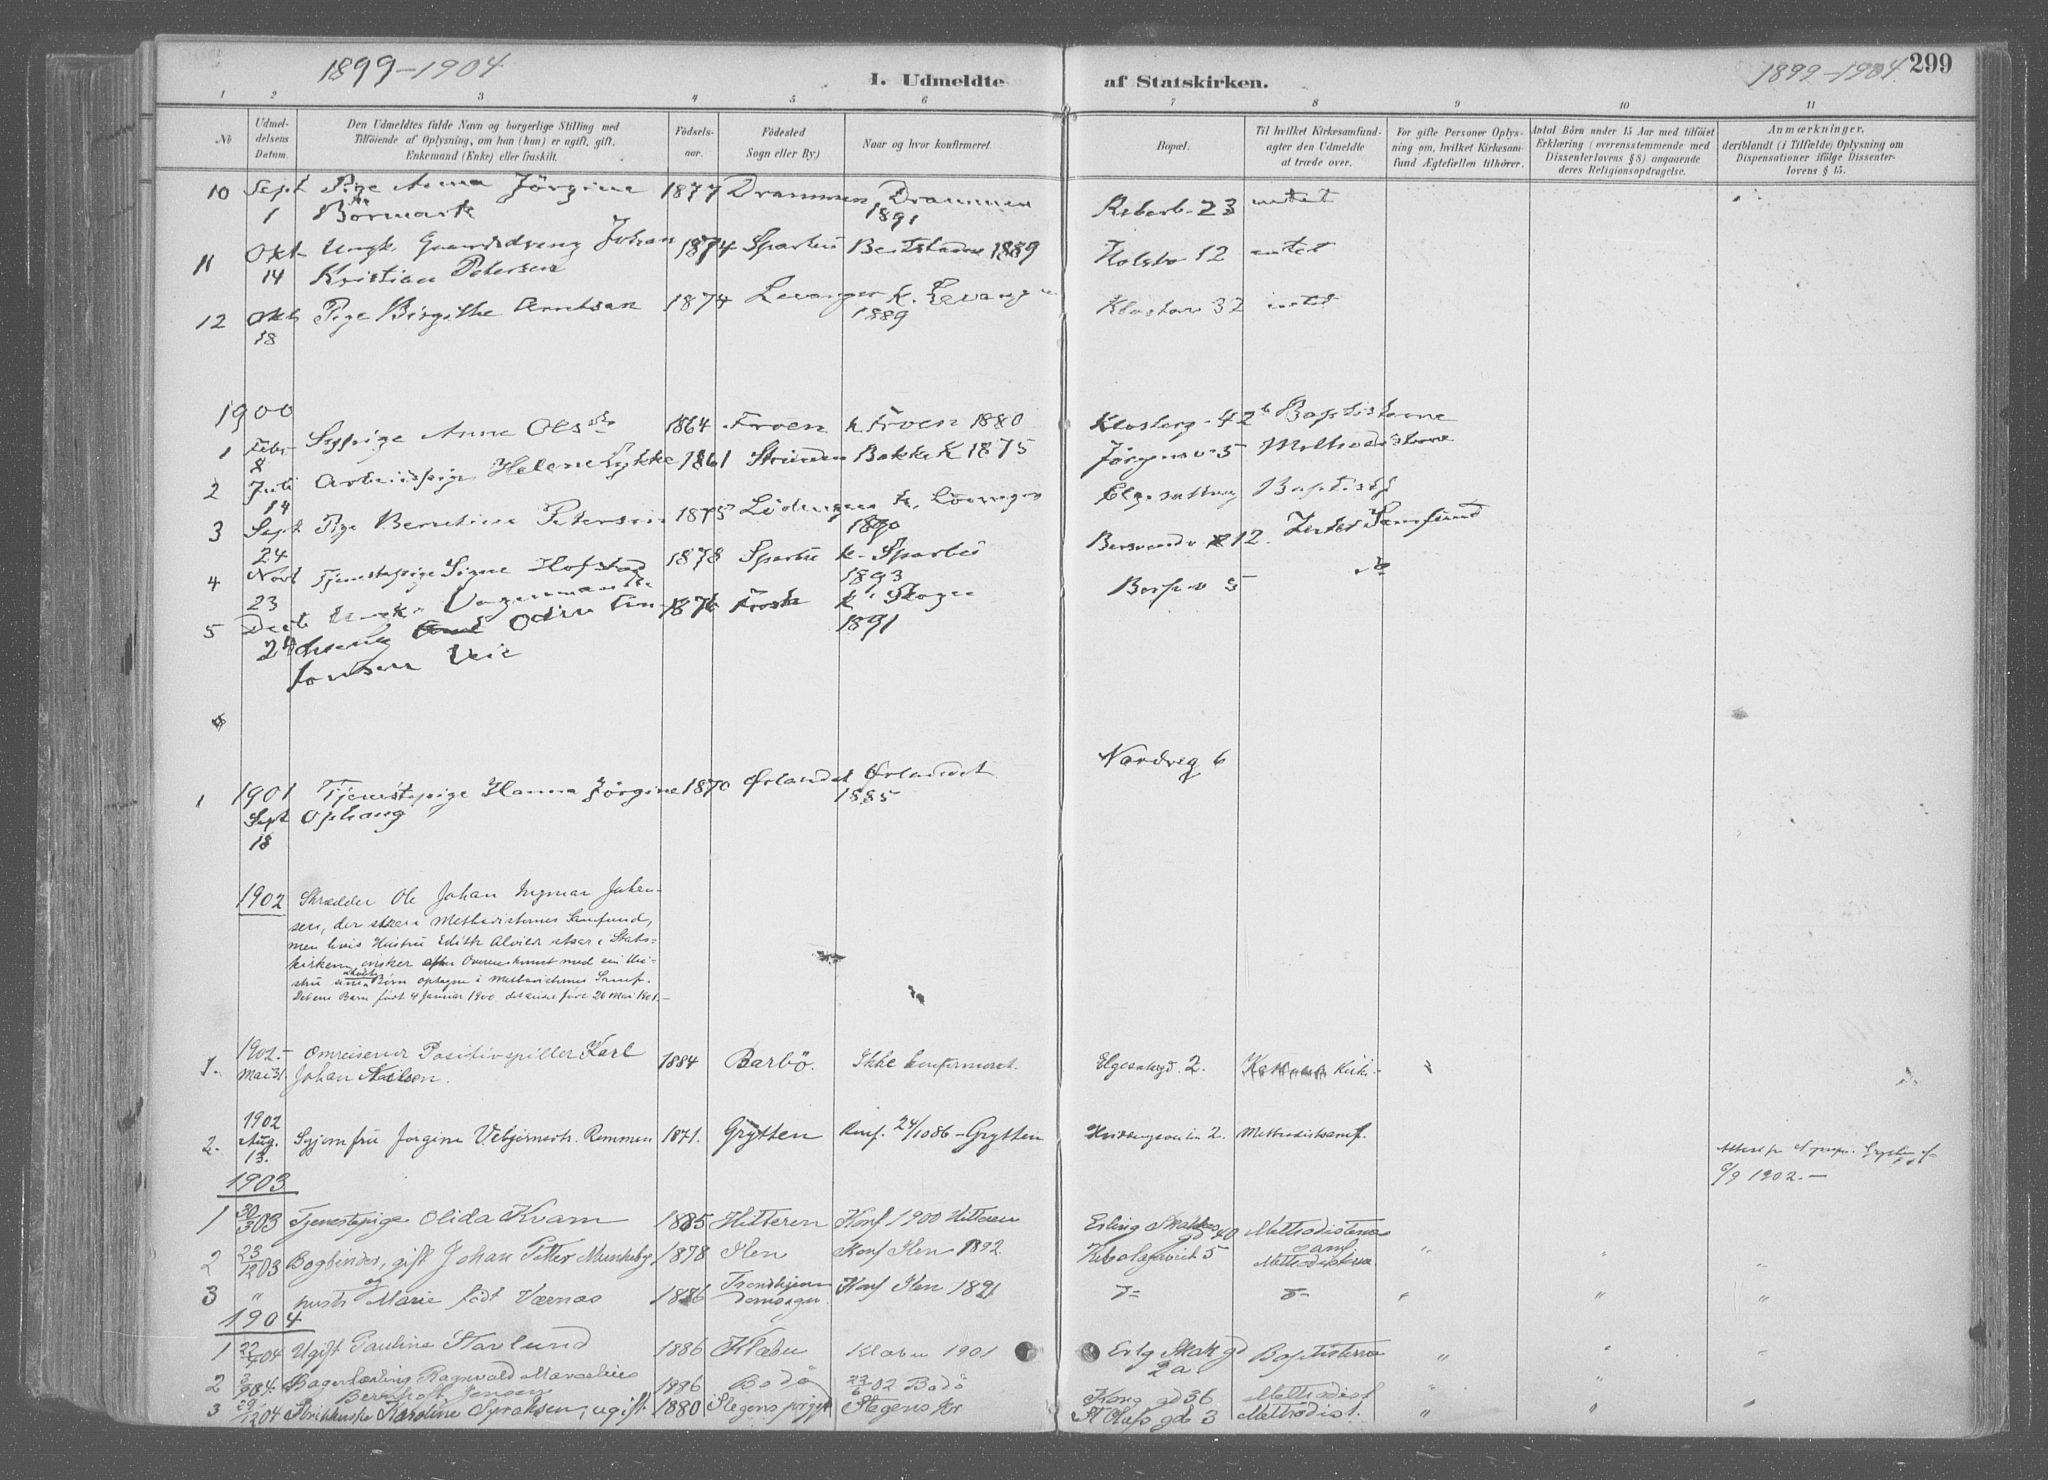 SAT, Ministerialprotokoller, klokkerbøker og fødselsregistre - Sør-Trøndelag, 601/L0064: Ministerialbok nr. 601A31, 1891-1911, s. 299